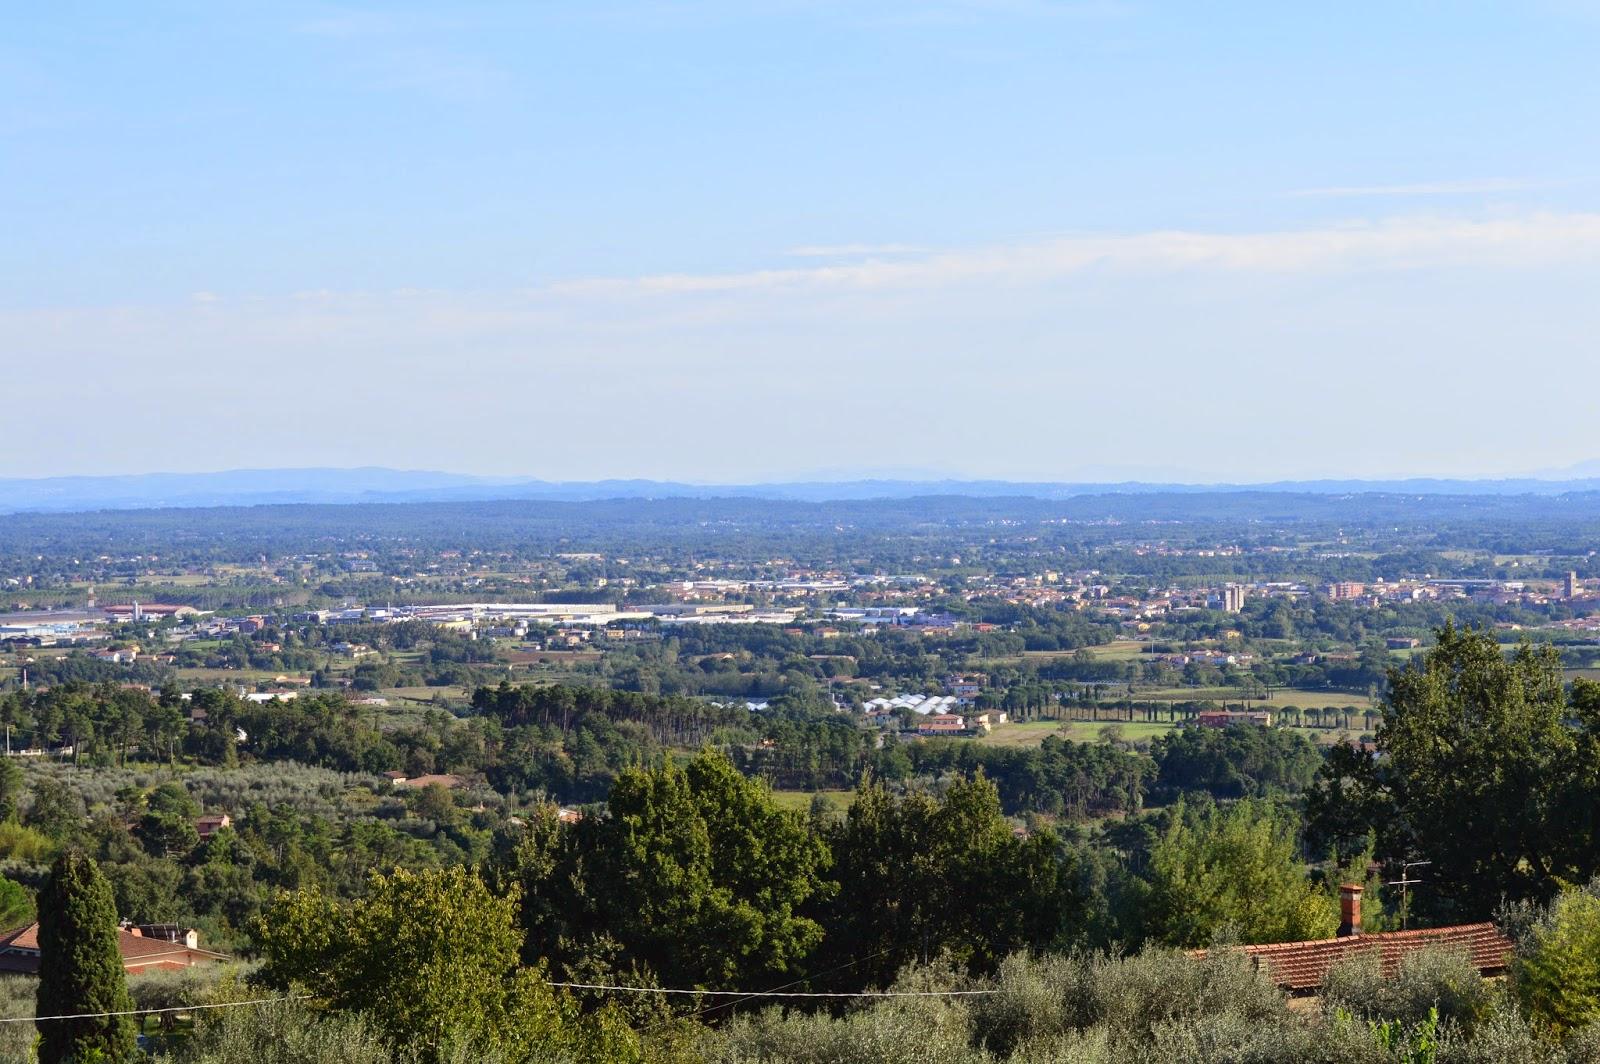 Италия, Монте-Карло, Тоскана, Путешествия, Блог об Италии, Красивый вид